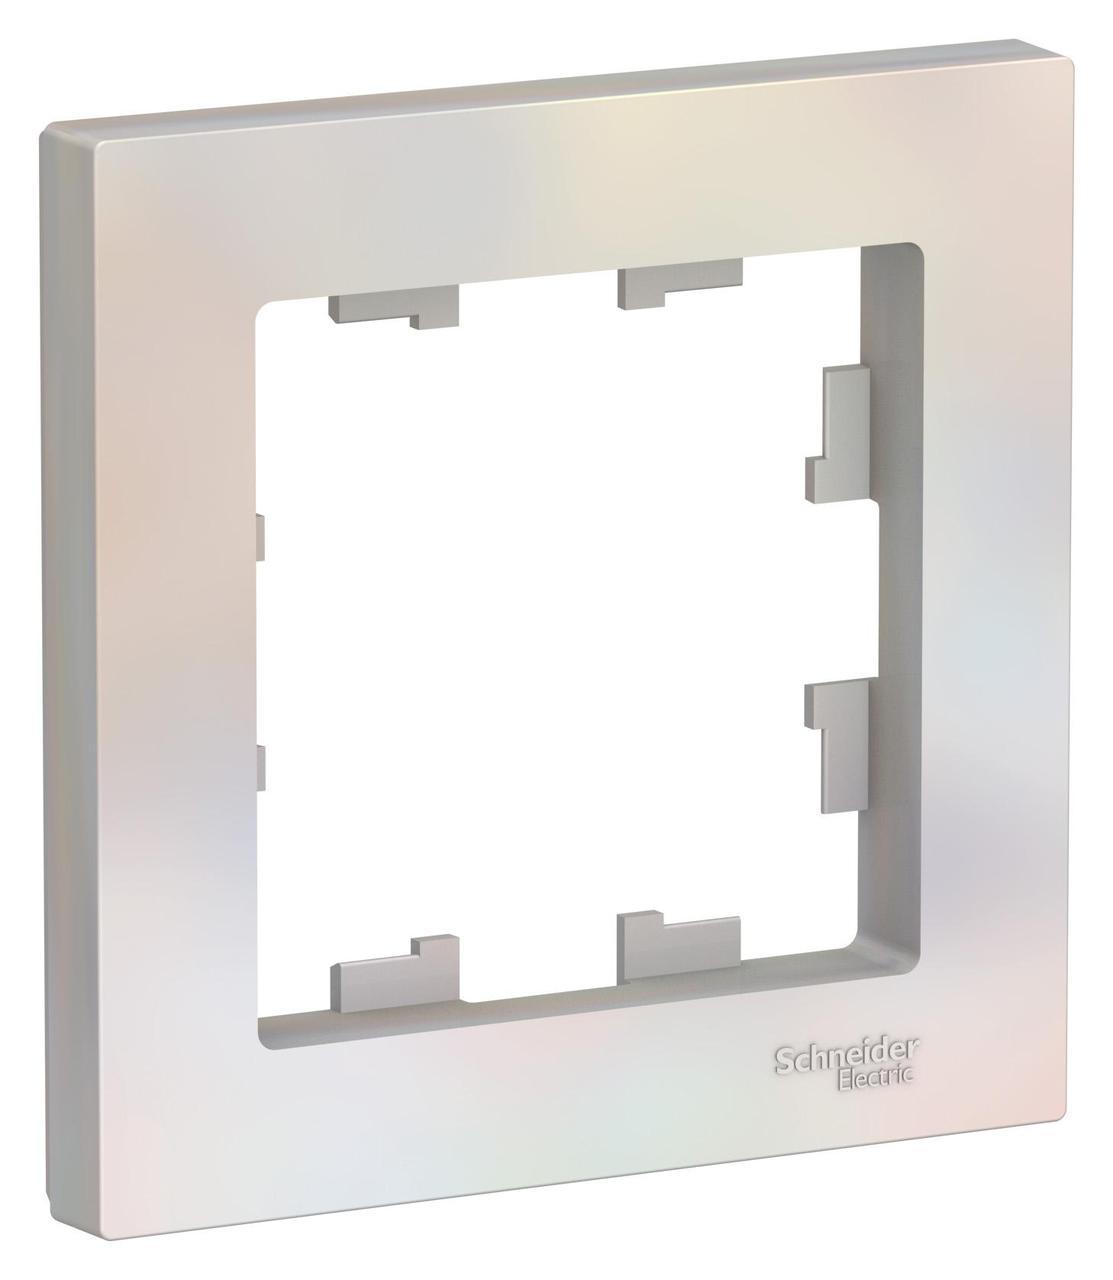 Рамка 1-ая (одинарная), Жемчуг, серия Atlas Design, Schneider Electric